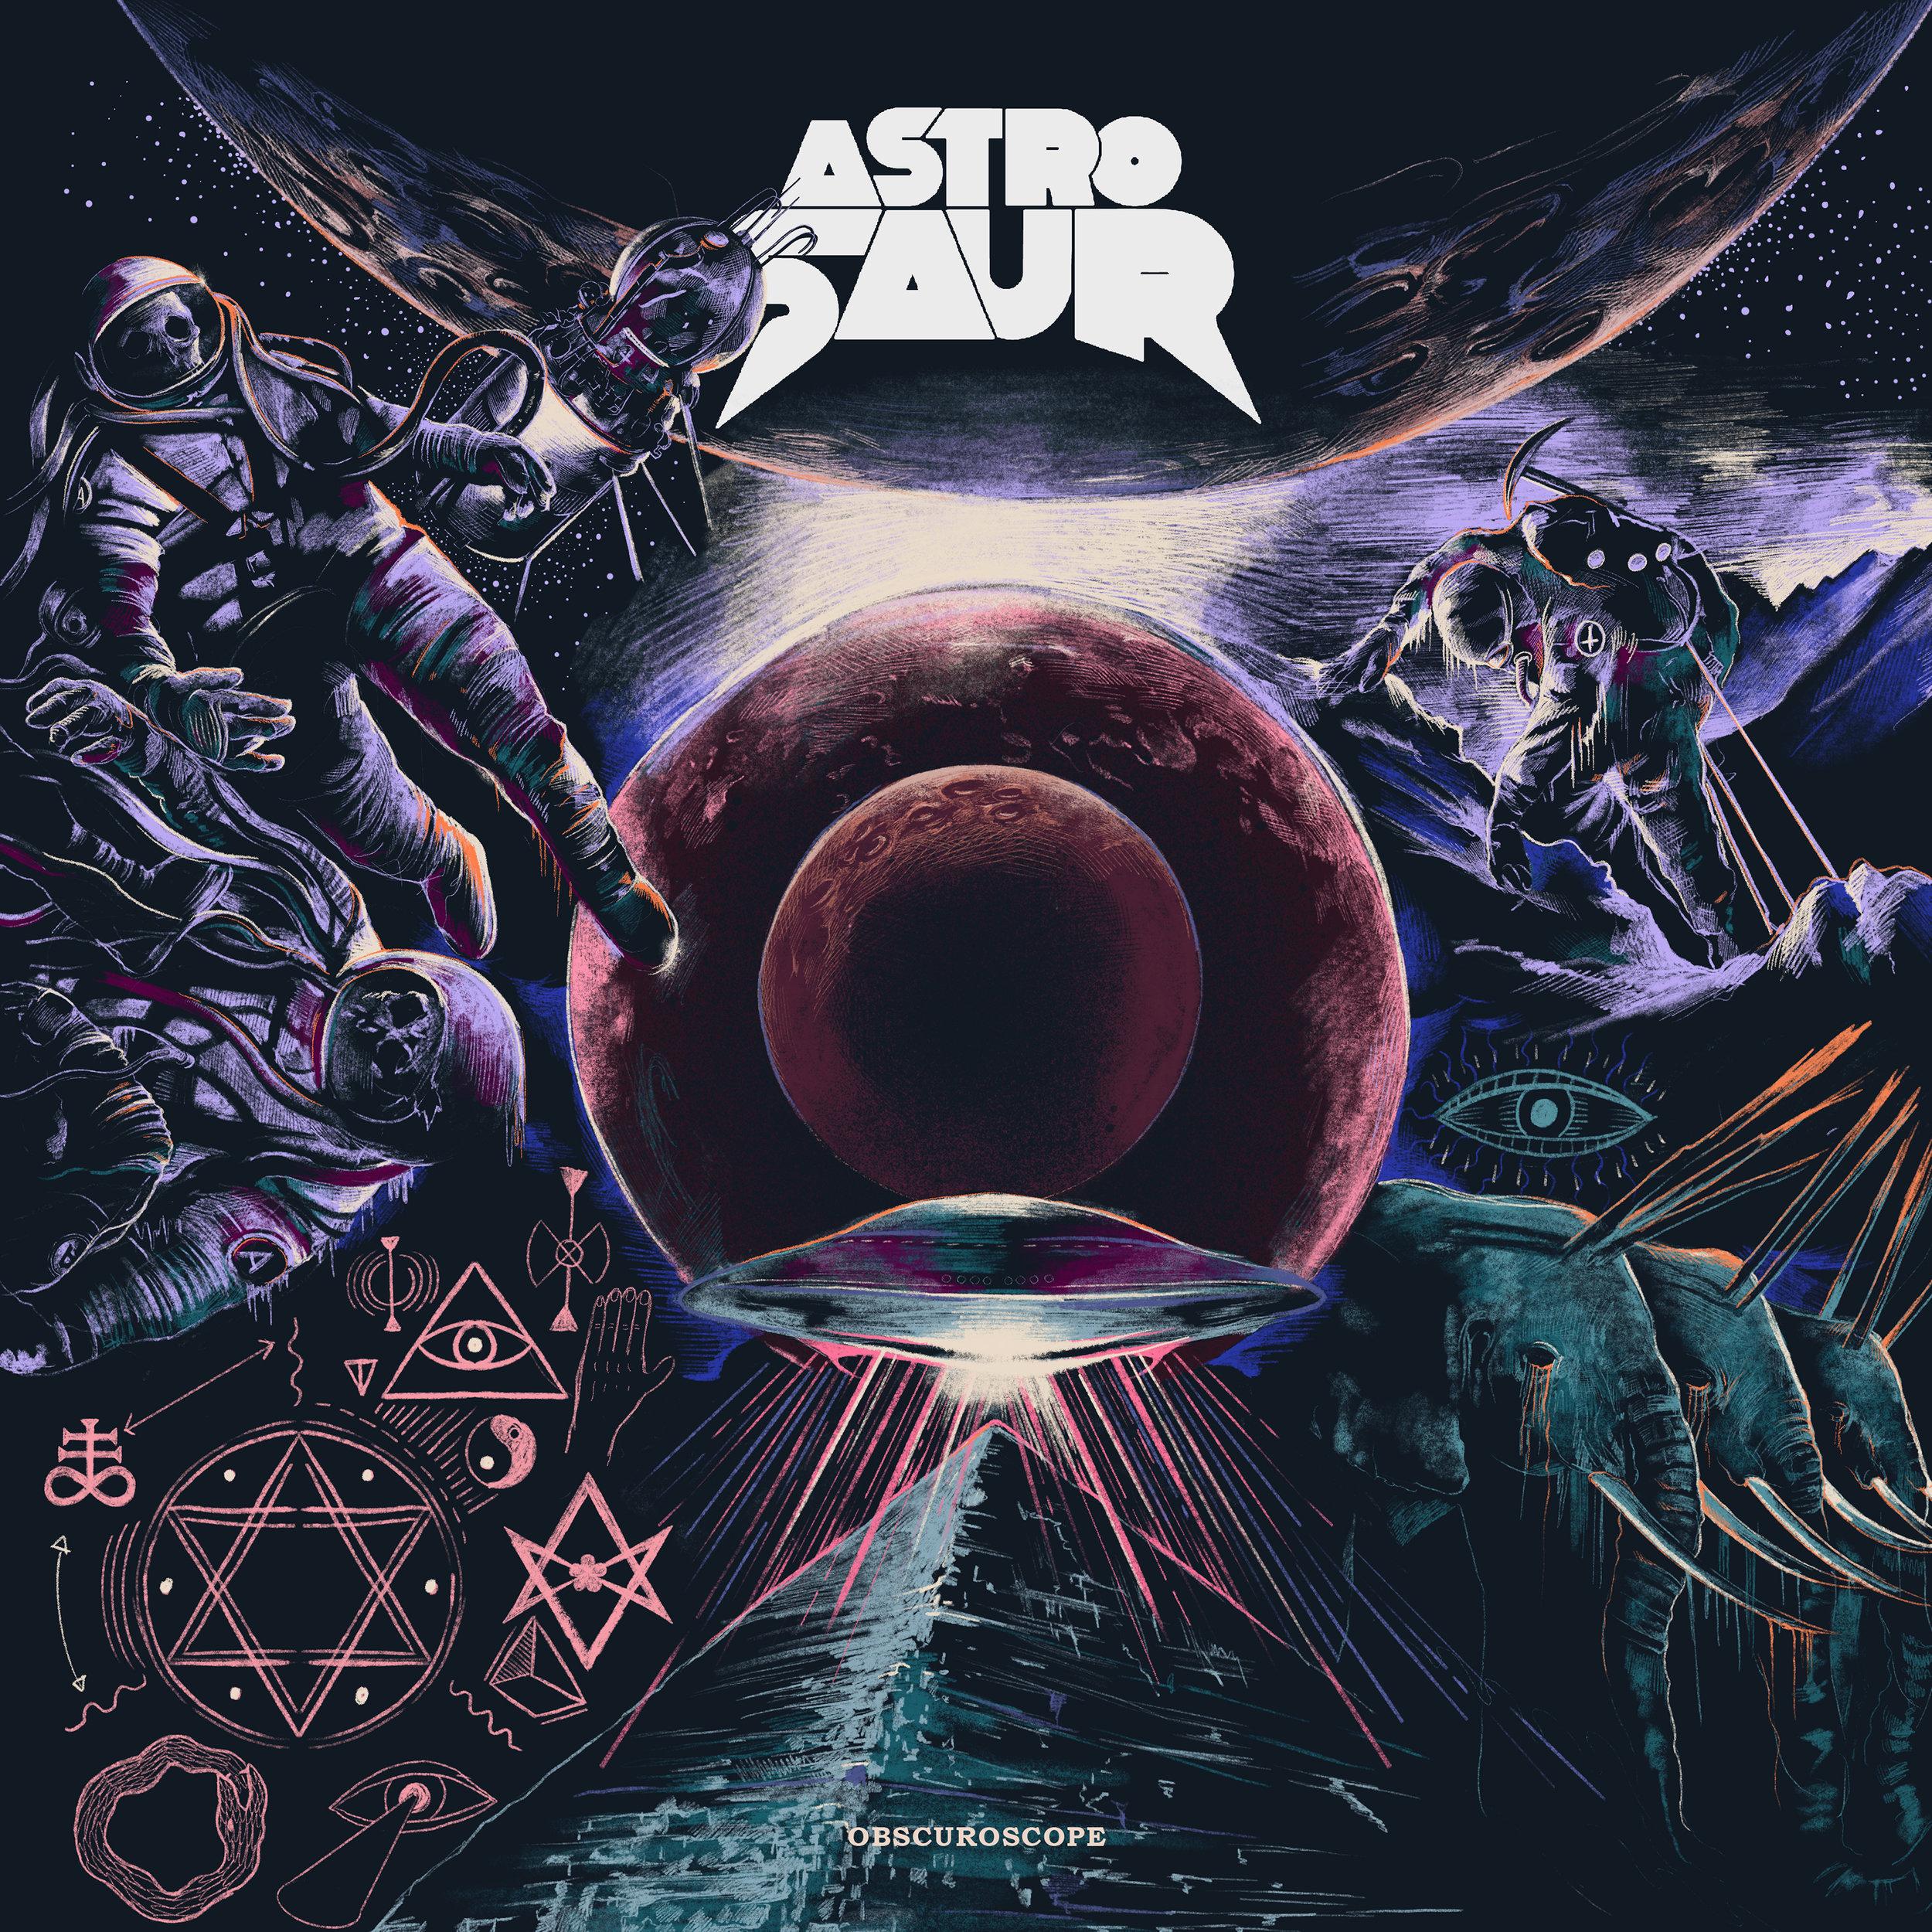 Astrosaur_Obscuroscope_Cover_3000px.jpg